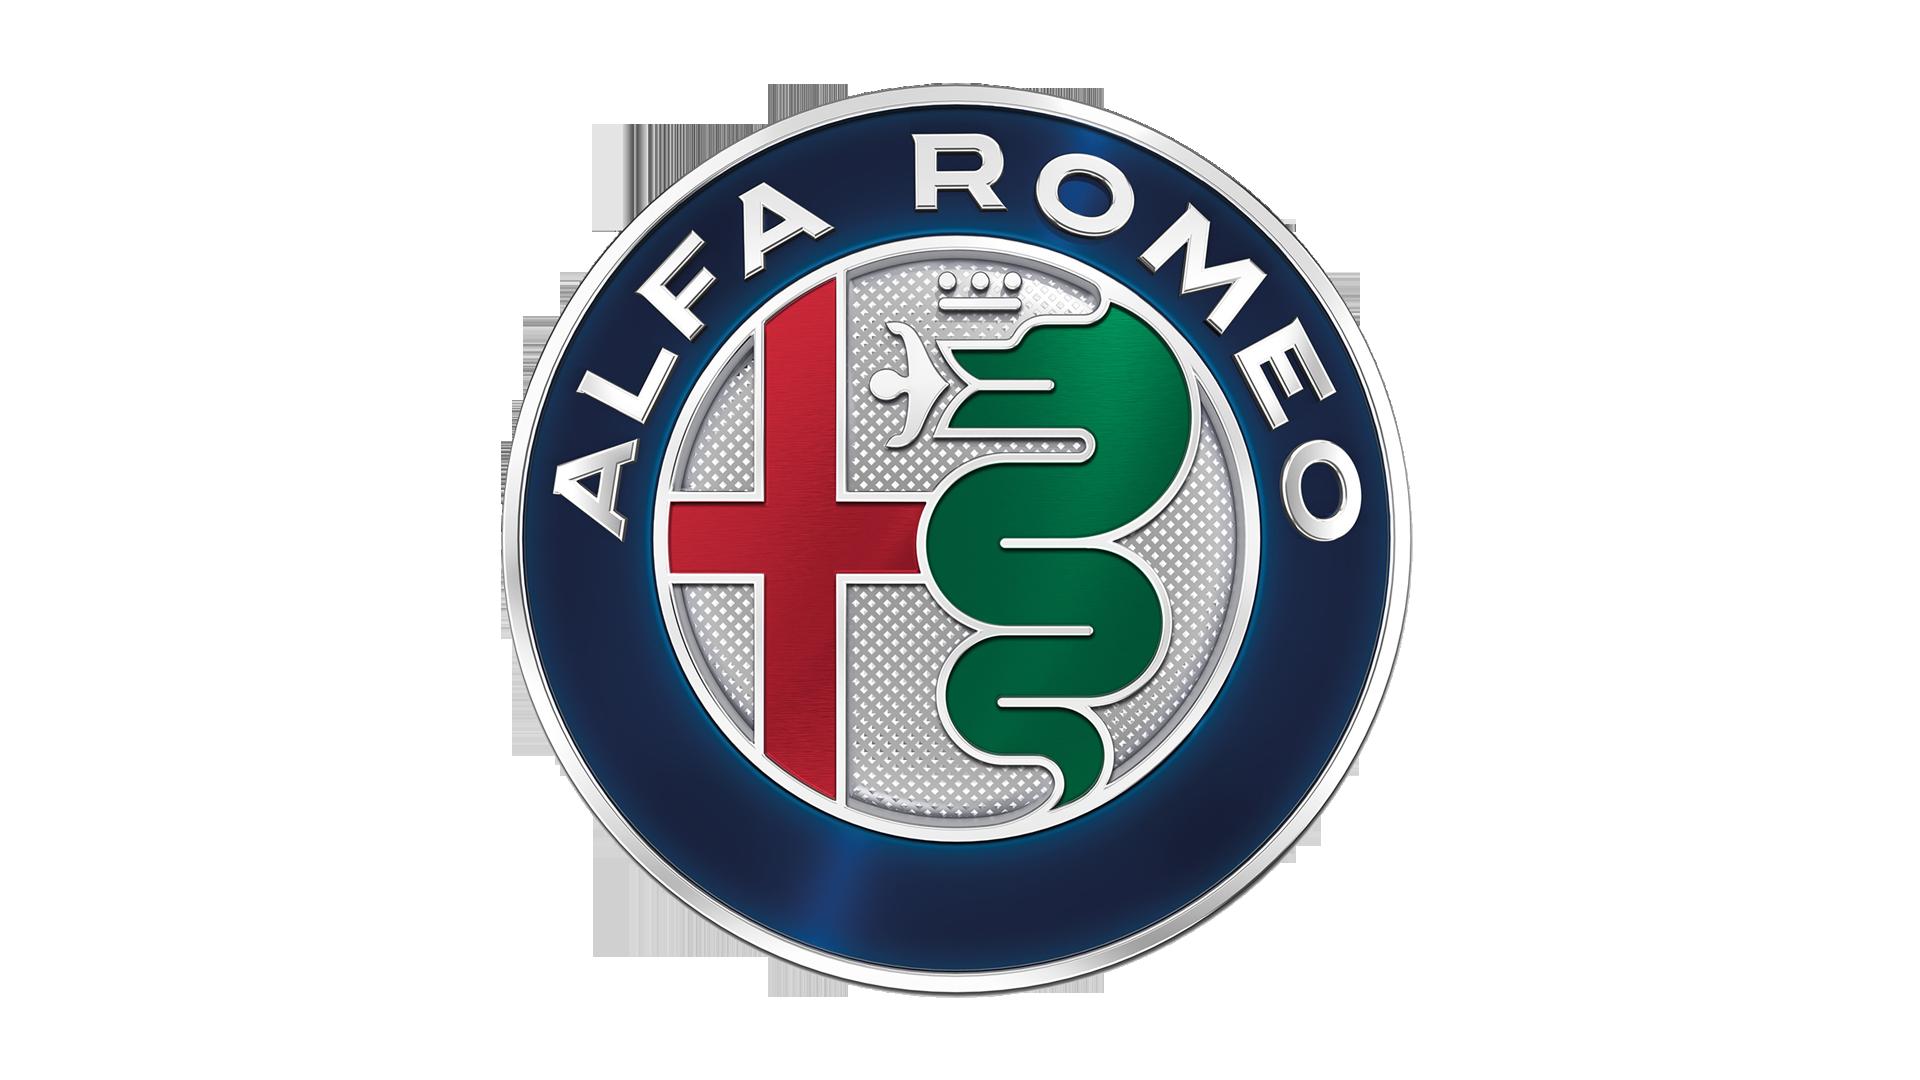 Den siste logoen fra 2015. Slangen er blitt større på bekostning av korset, mens farger og detaljer er blitt gjort enklere.